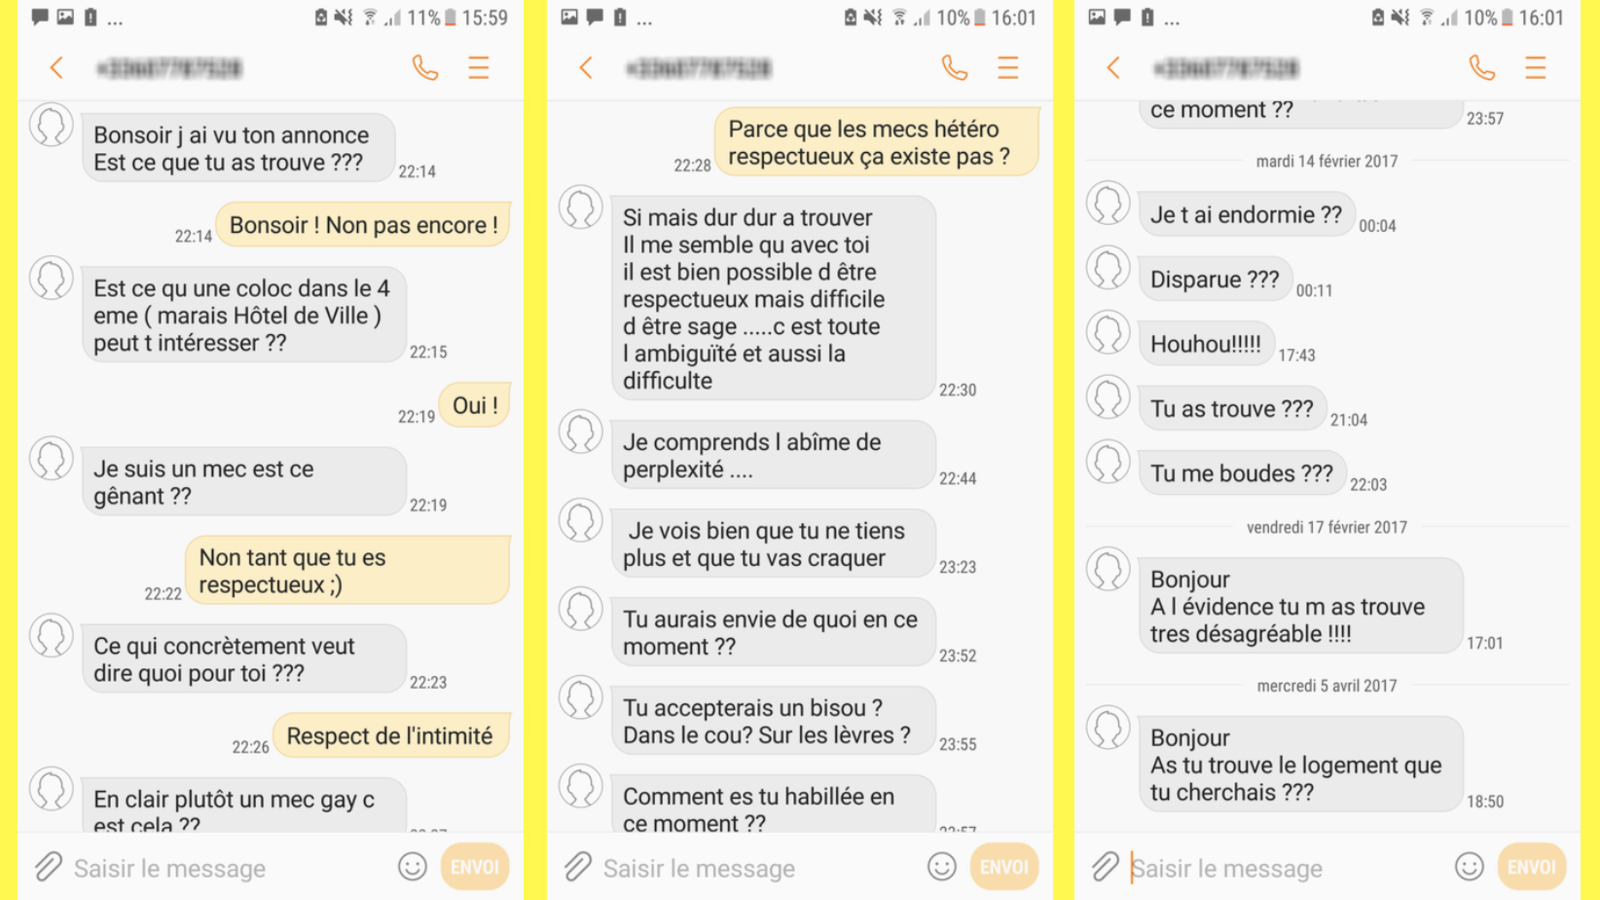 Drague lourde et harcèlement sexuel sur Leboncoin